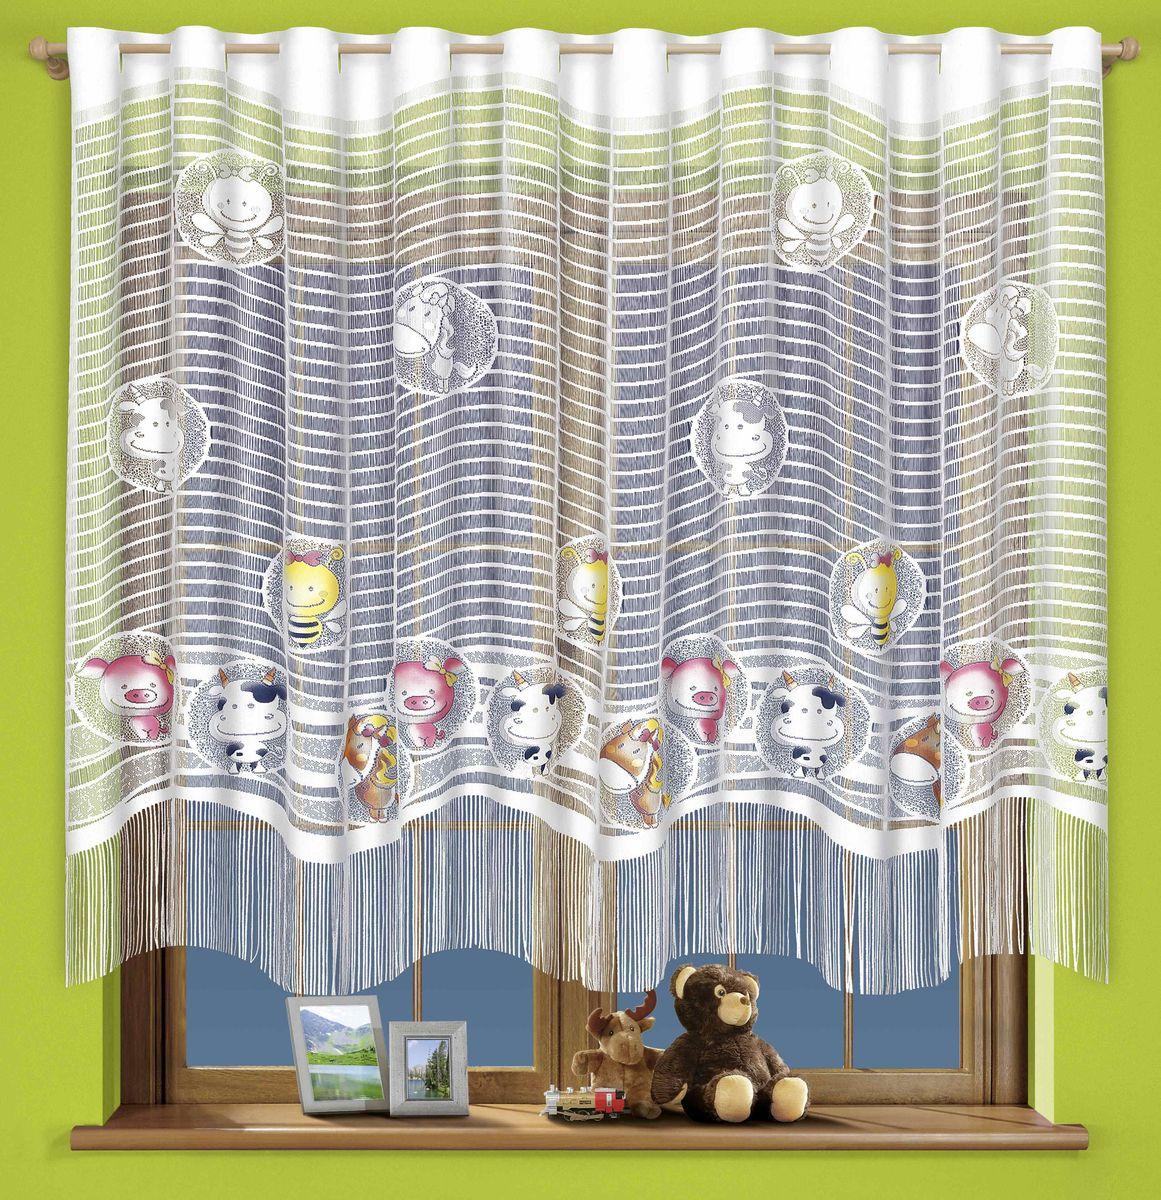 Гардина Wisan Zwierzaki, на петлях, цвет: белый, высота 160 см710АГардина Wisan Zwierzaki изготовлена из белого полиэстера, легкой, тонкой ткани. Изделие выполнено из бахромы, с забавными вставками зверушек. Тонкое плетение, оригинальный дизайн и приятная цветовая гамма привлекут к себе внимание и органично впишутся в интерьер кухни. Оригинальное оформление гардины внесет разнообразие и подарит заряд положительного настроения.Верхняя часть гардины оснащена петлями для круглого карниза.